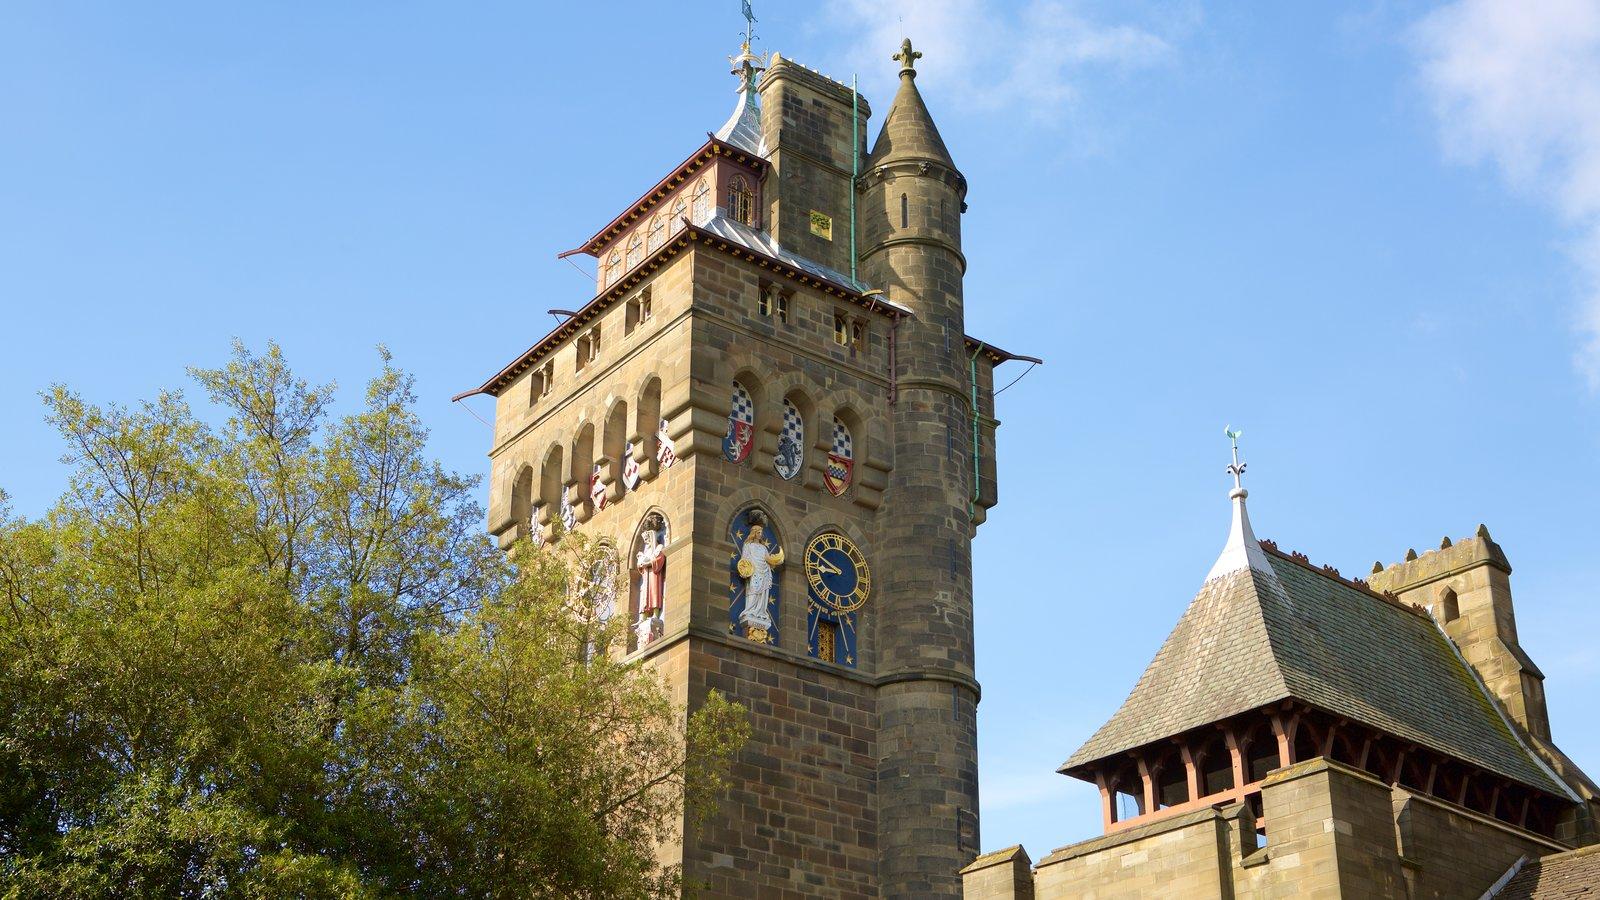 Castelo de Cardiff mostrando um pequeno castelo ou palácio, elementos de patrimônio e arquitetura de patrimônio